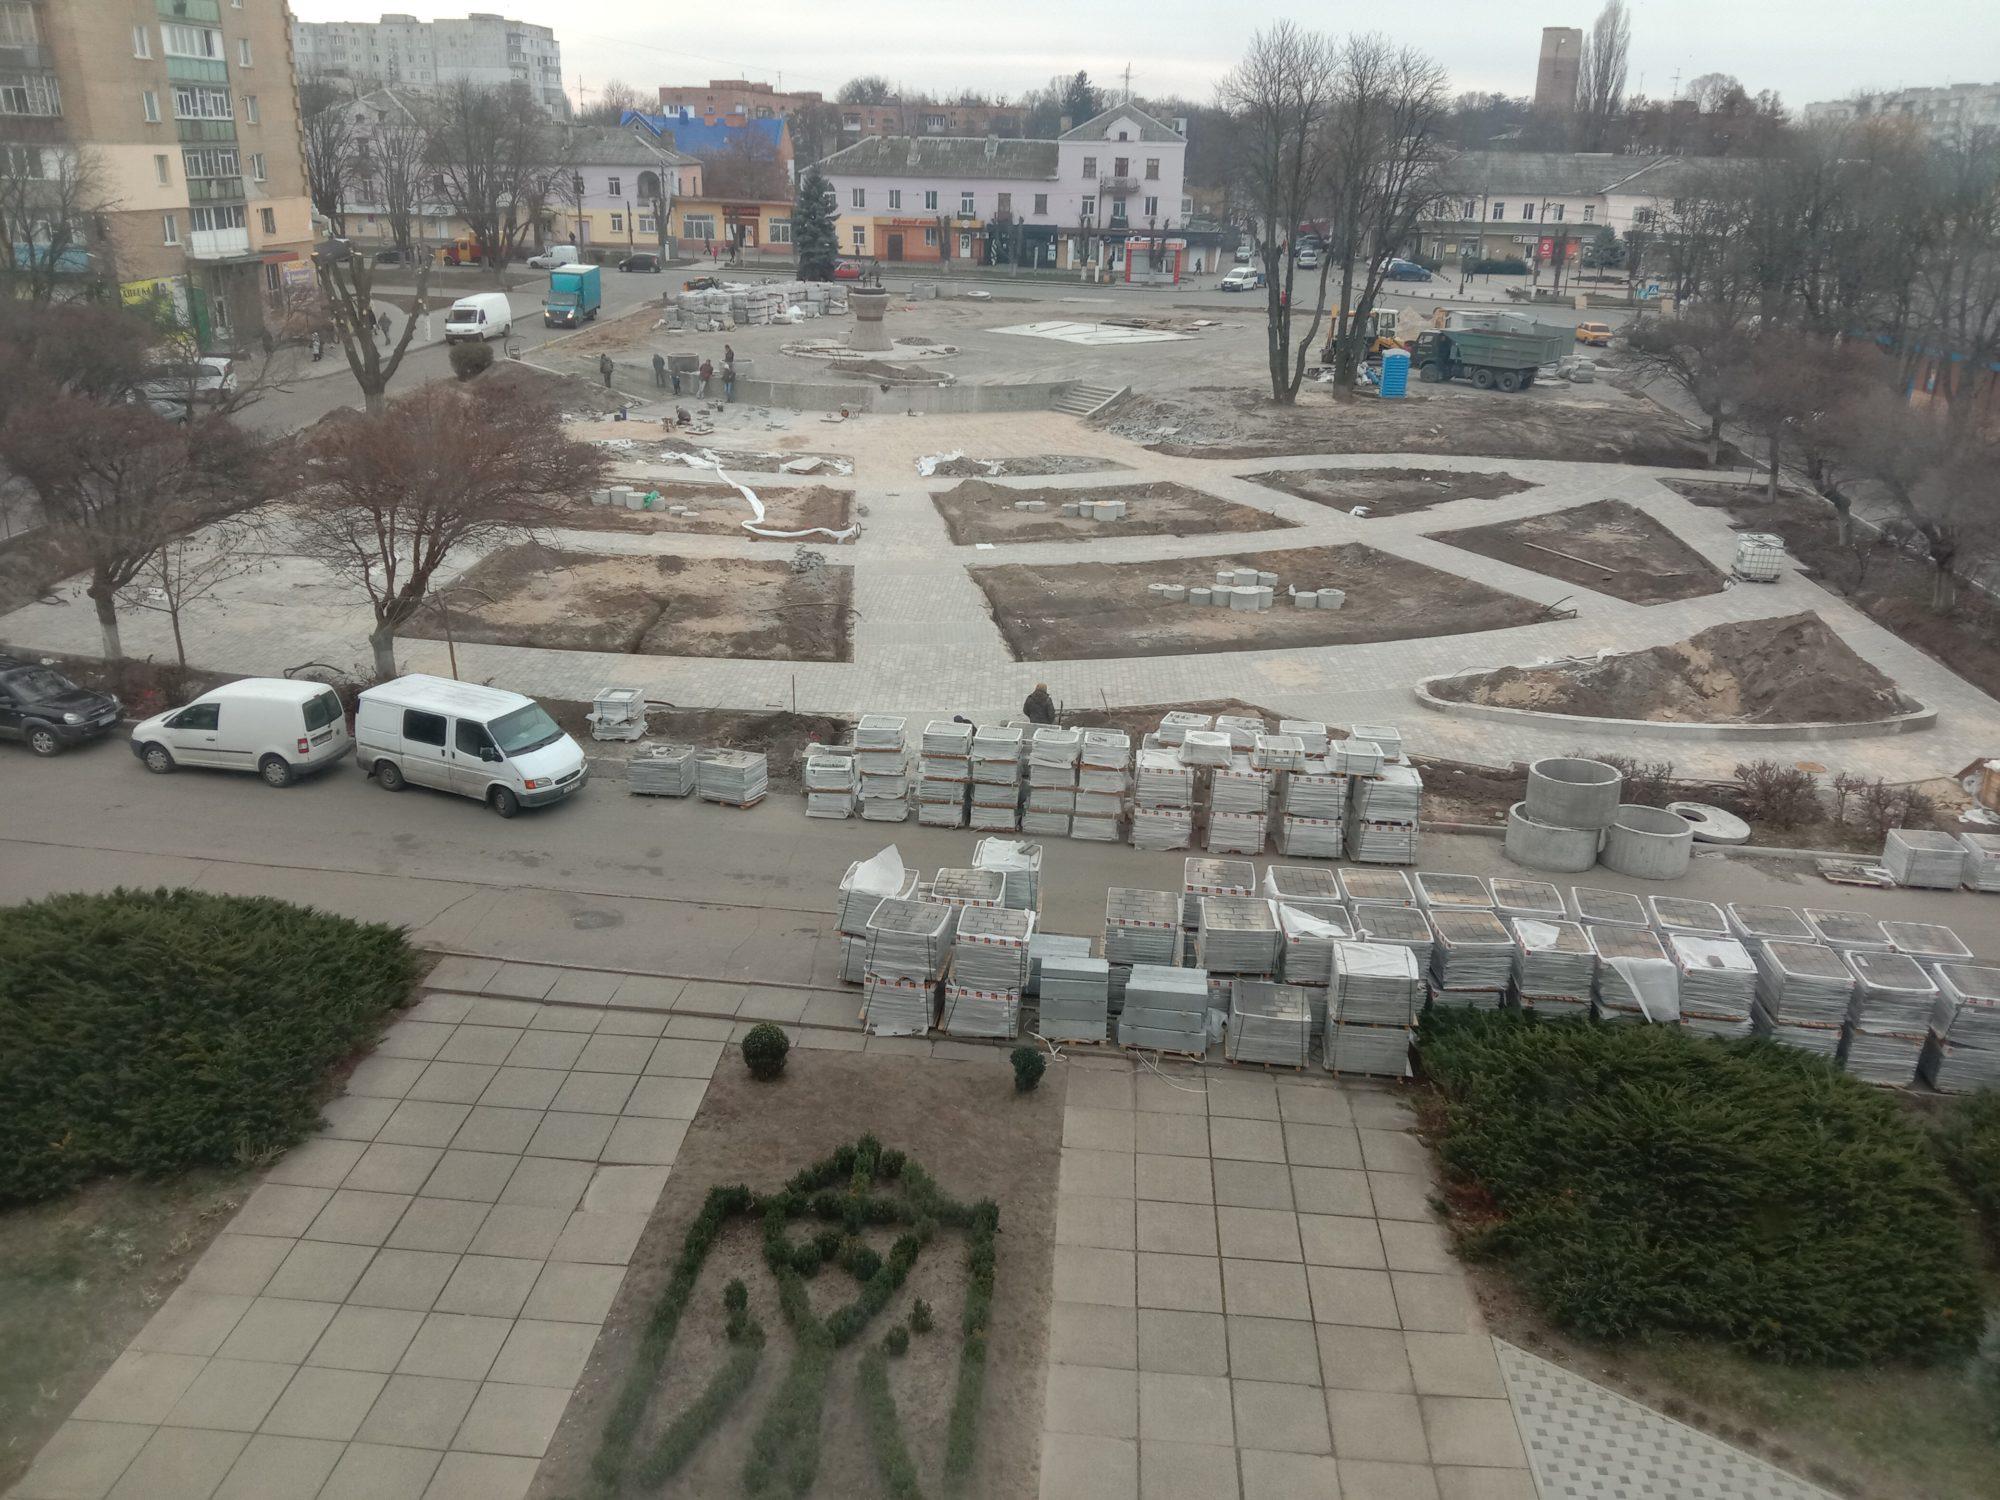 Реконструкція Соборної площі у Фастові: роботи продовжать навесні 2020 року - Фастів, Соборна площа, реконструкція - IMG 20191202 101009 2000x1500